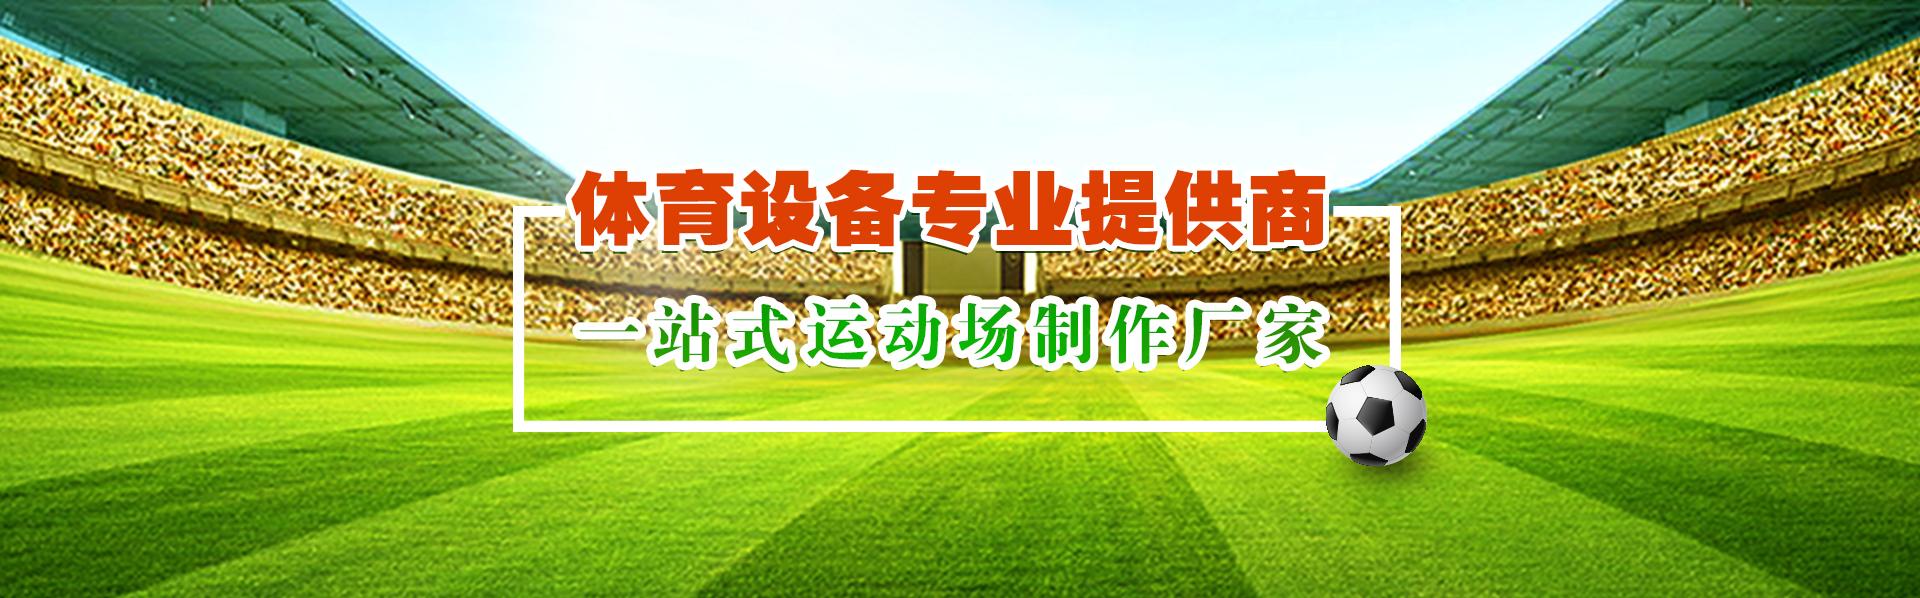 陕西风洋建设工程有限公司